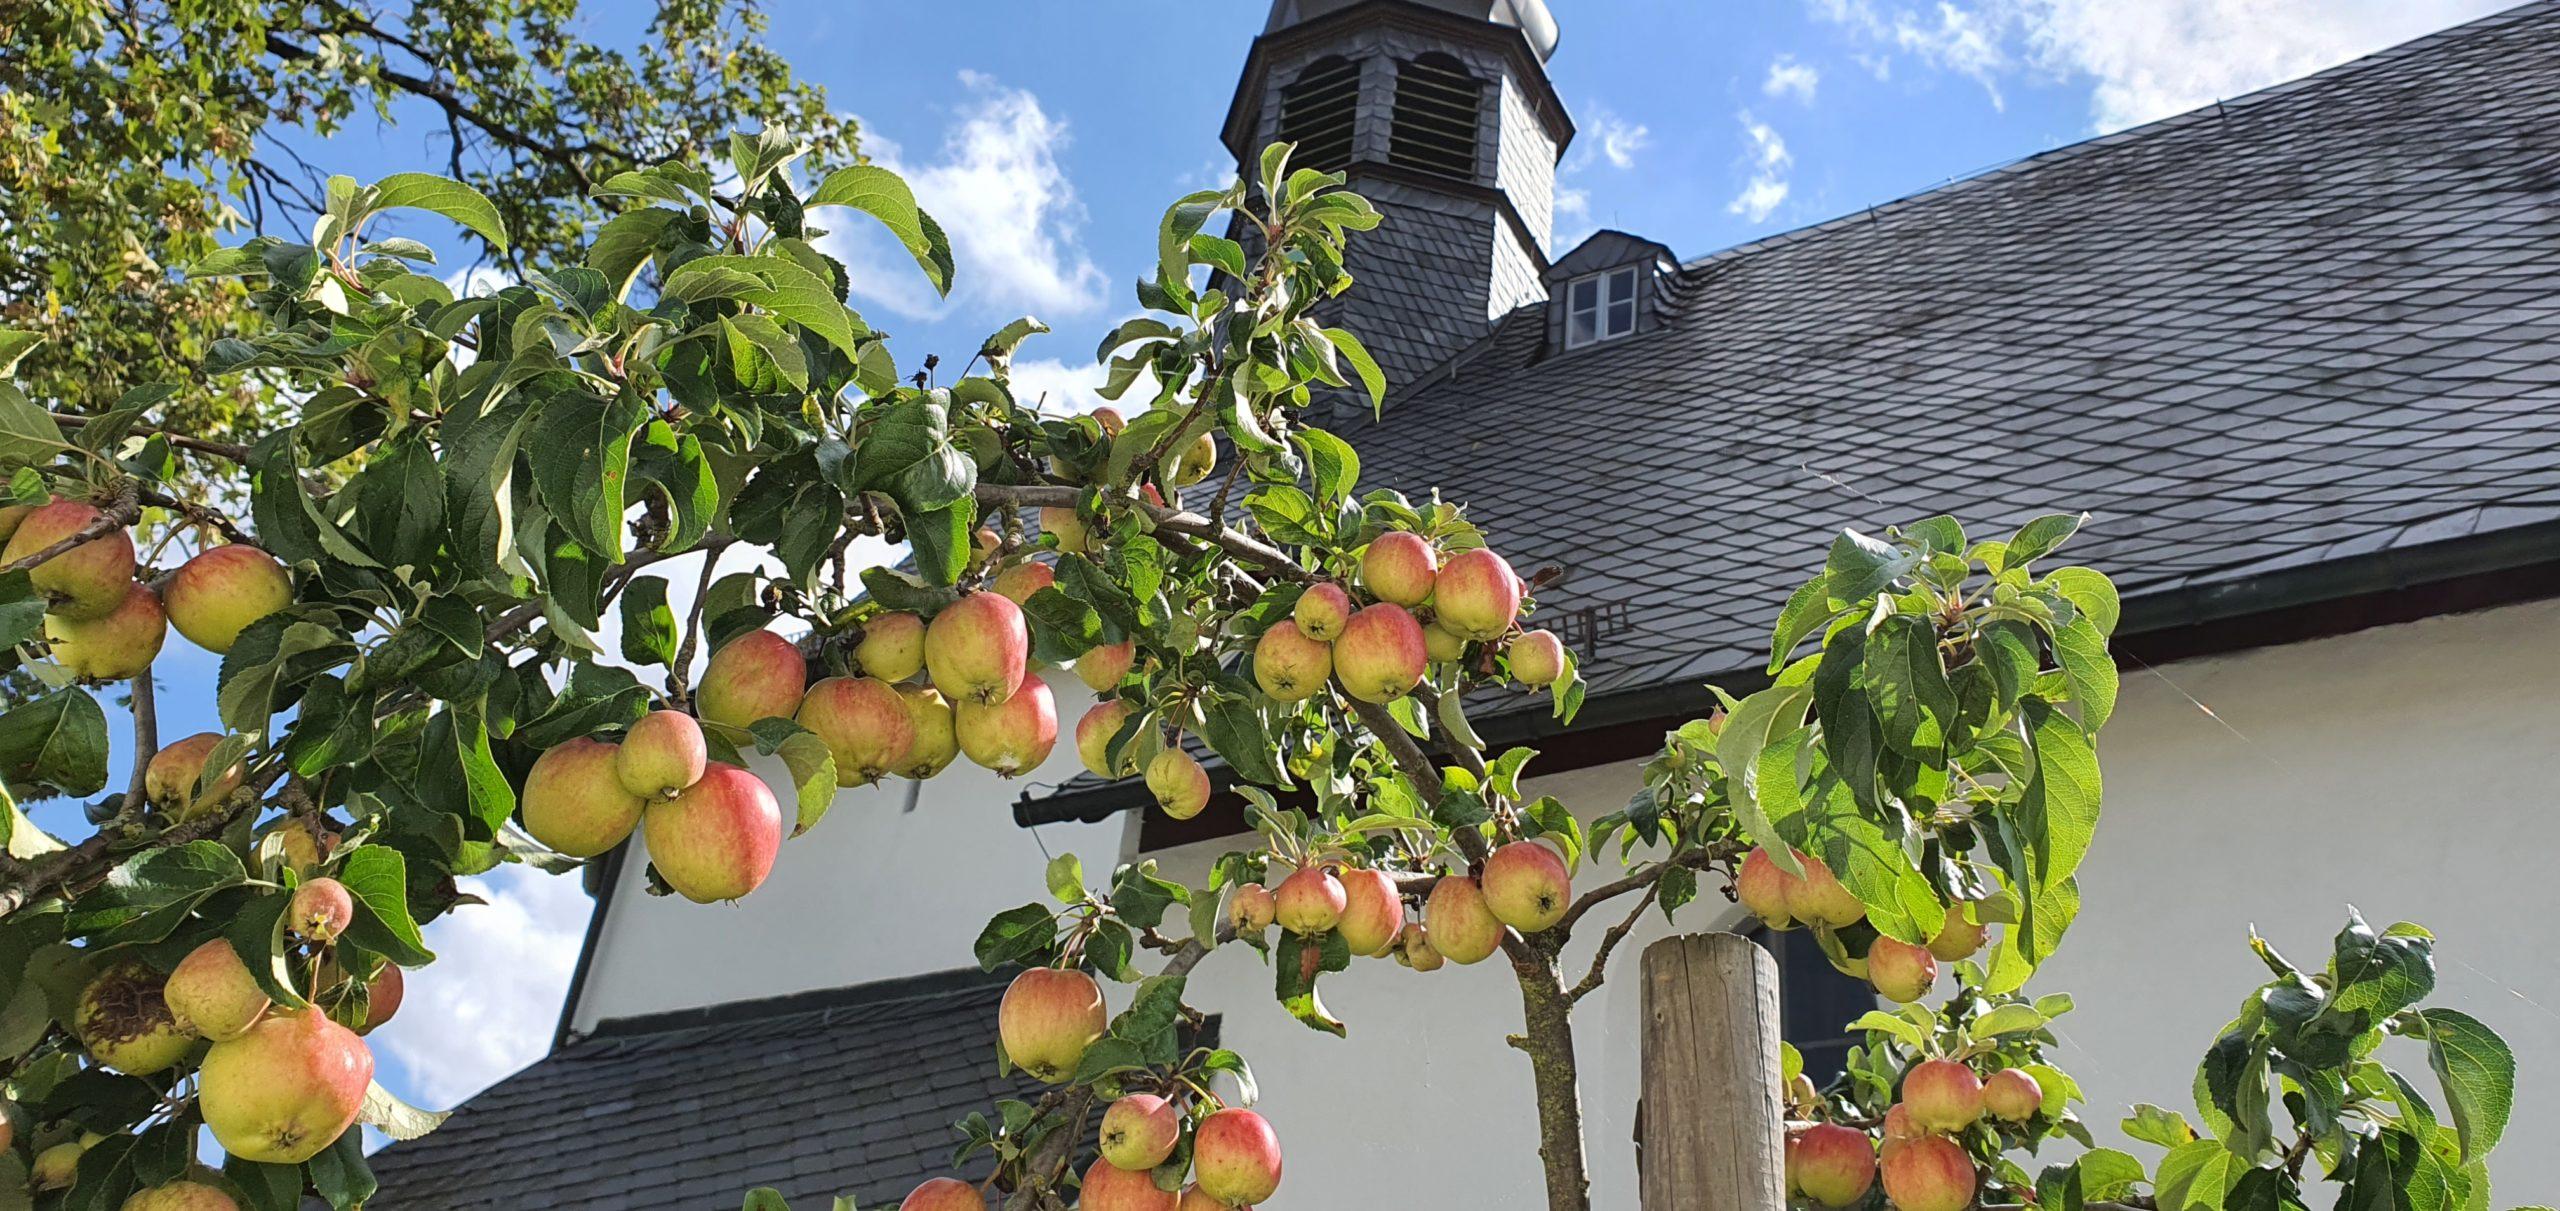 Apfelbäumchen im Kirchgarten